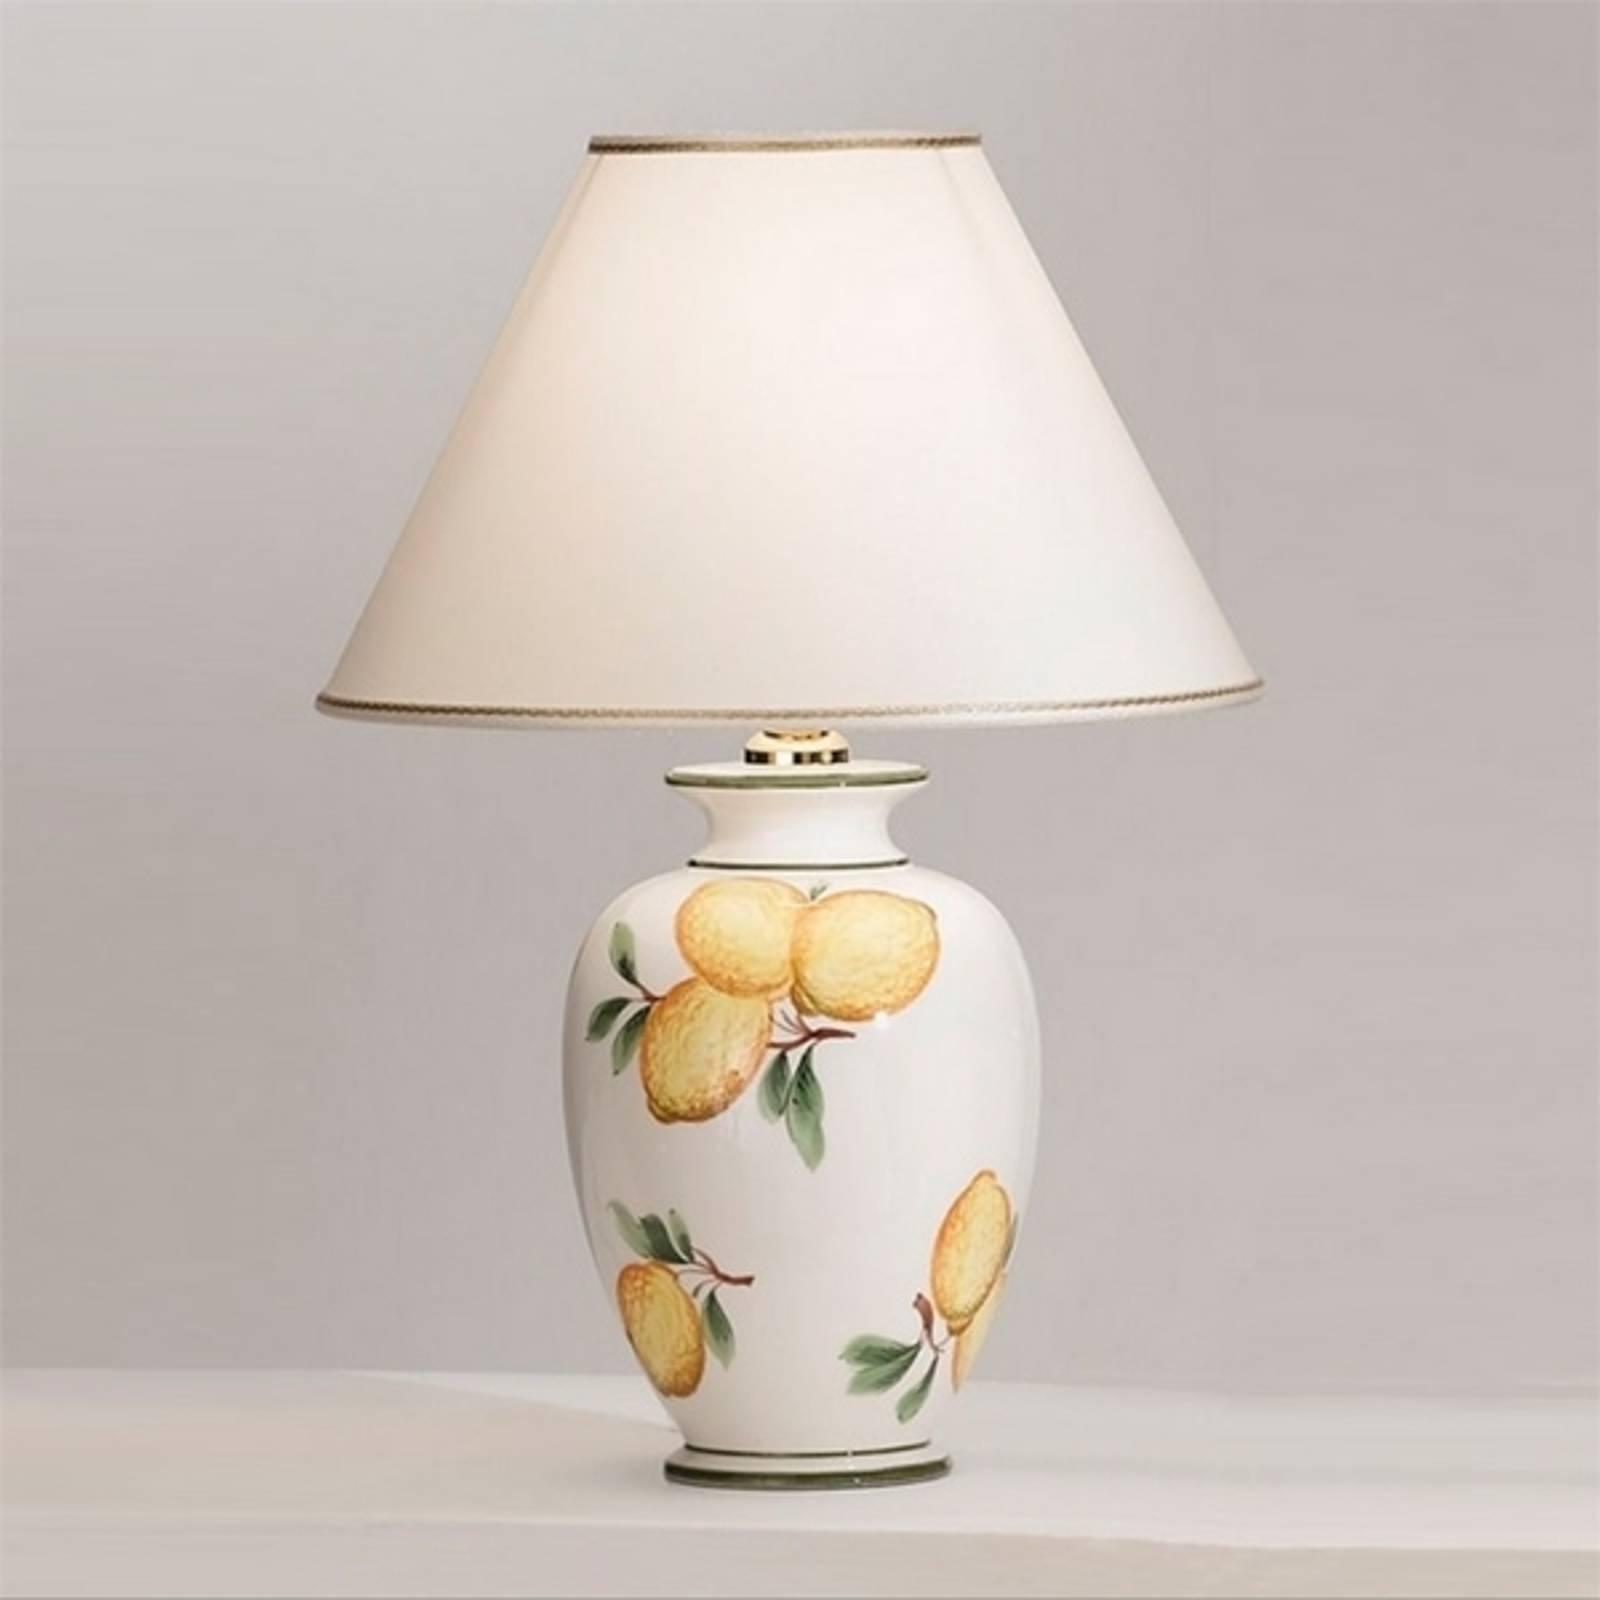 Lampe à poser GIARDINO LEMONE 30 cm